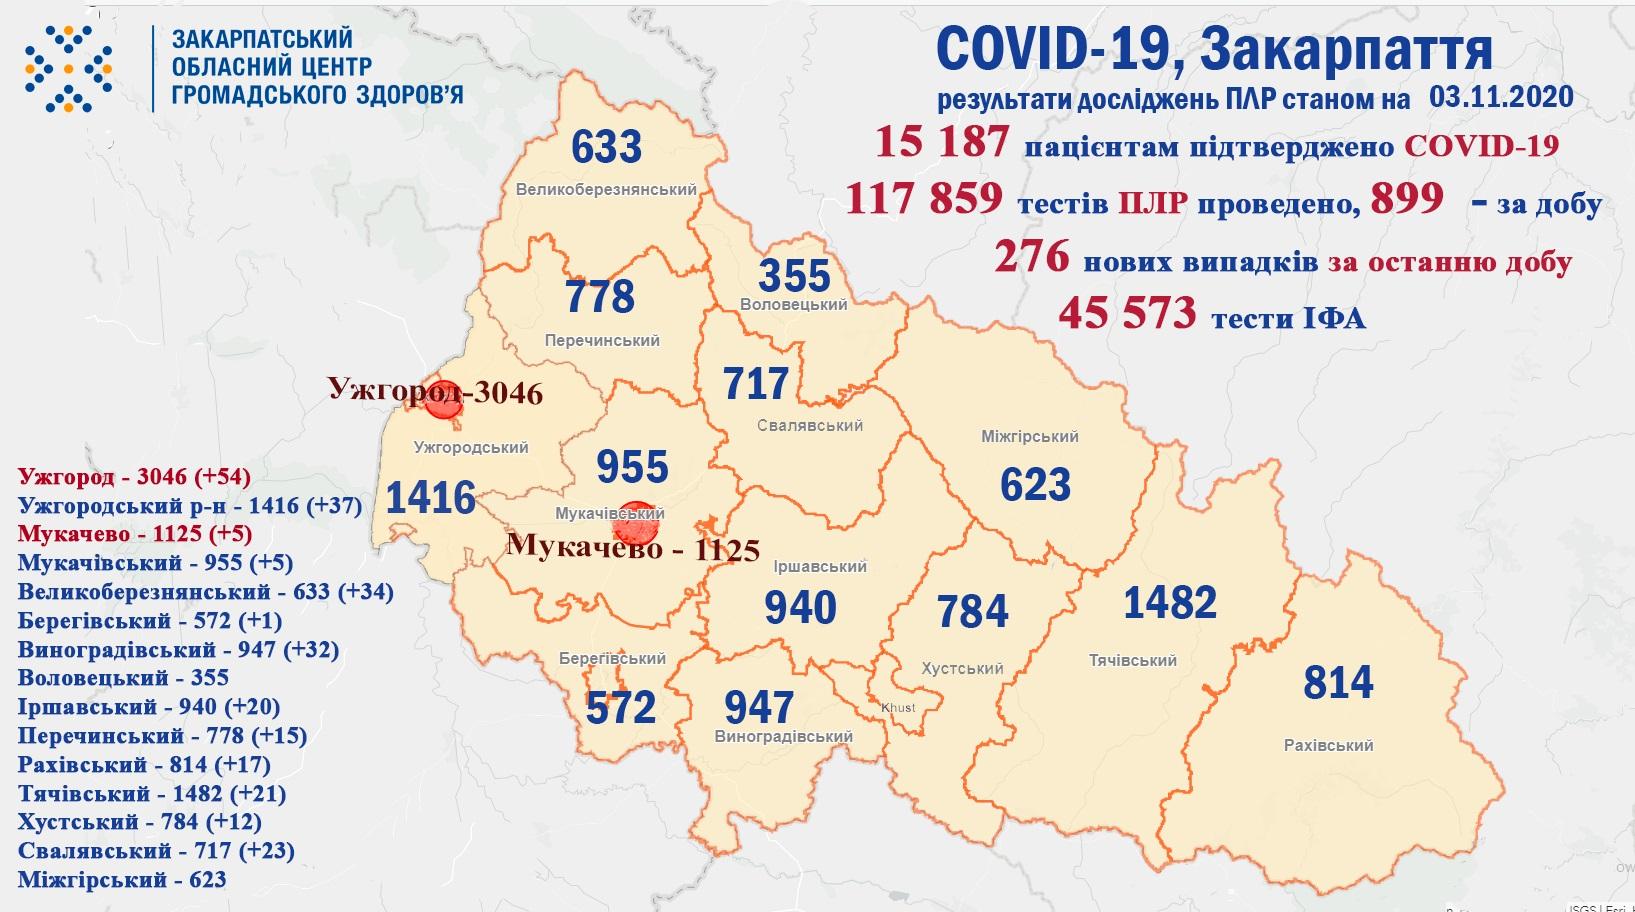 За добу на Закарпатті виявили 276 випадків COVID-19